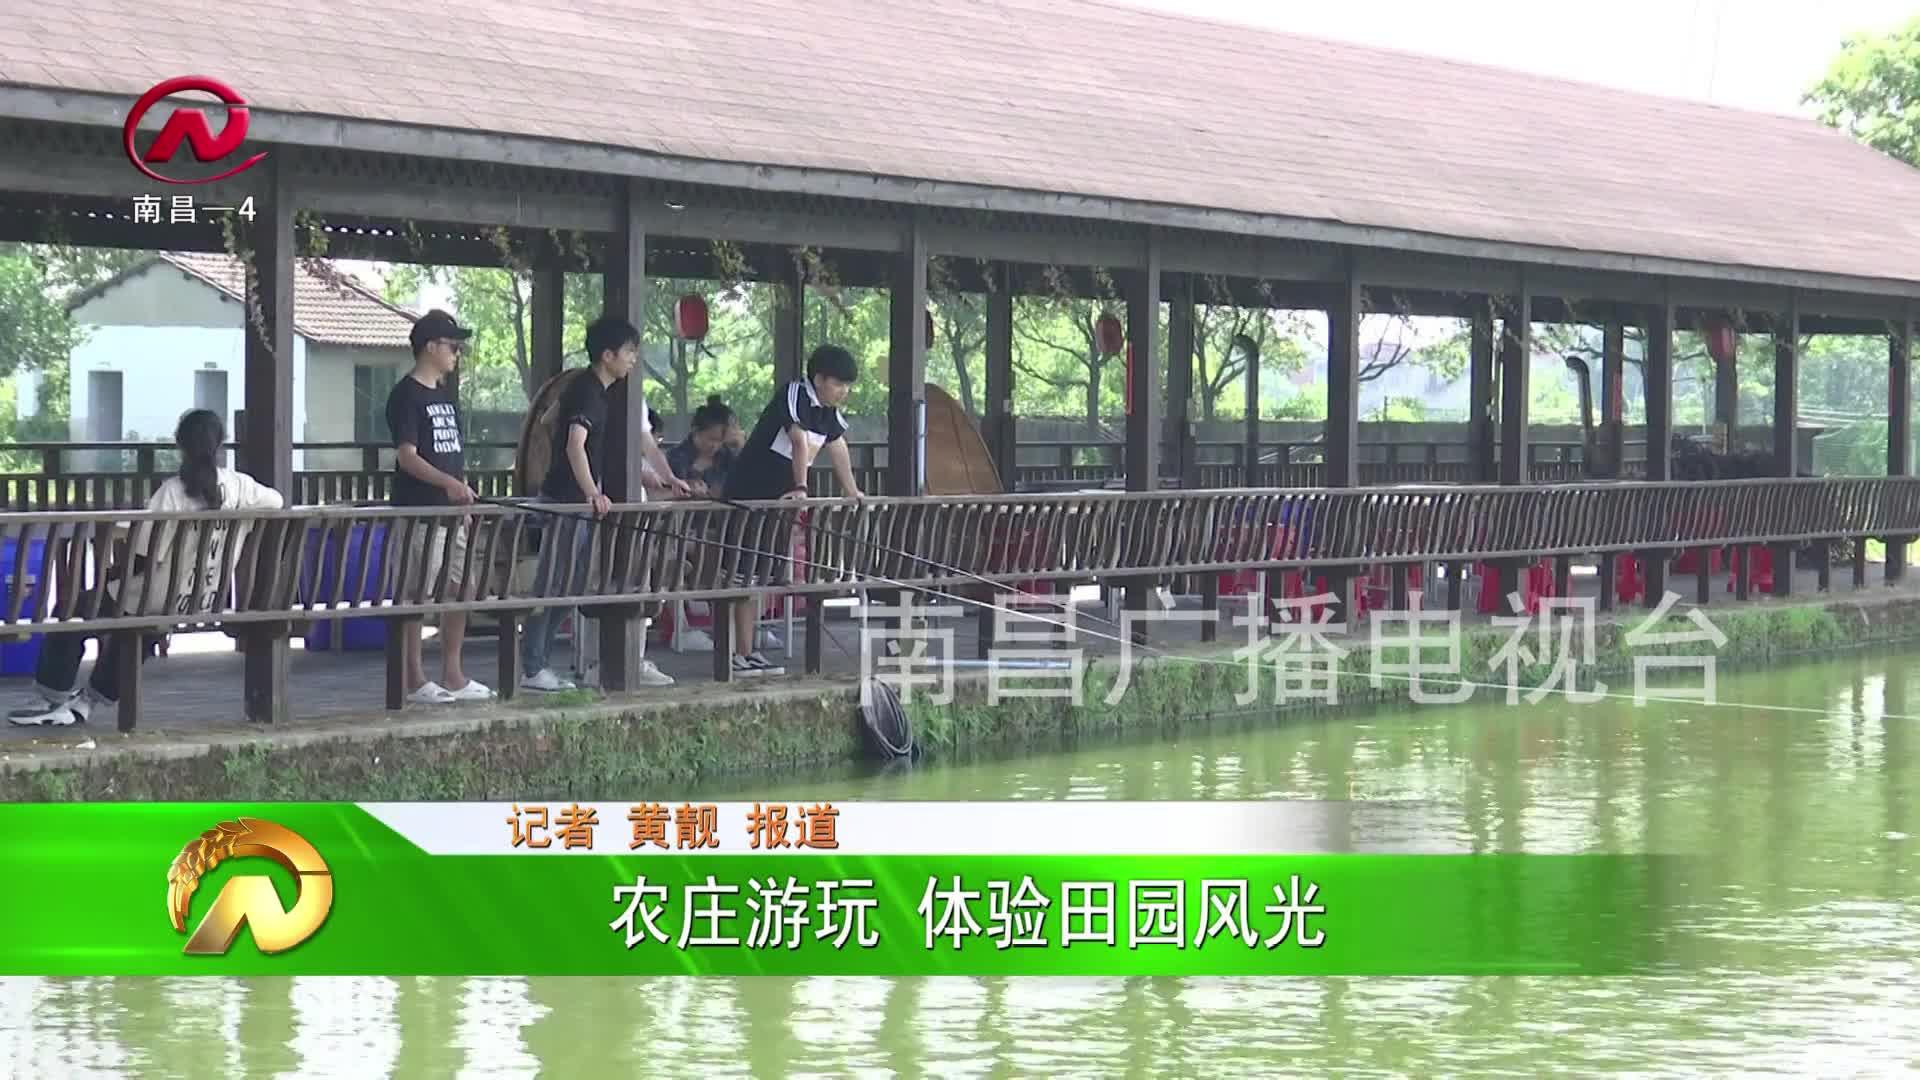 【豫章农视】农庄游玩 体验田园风光